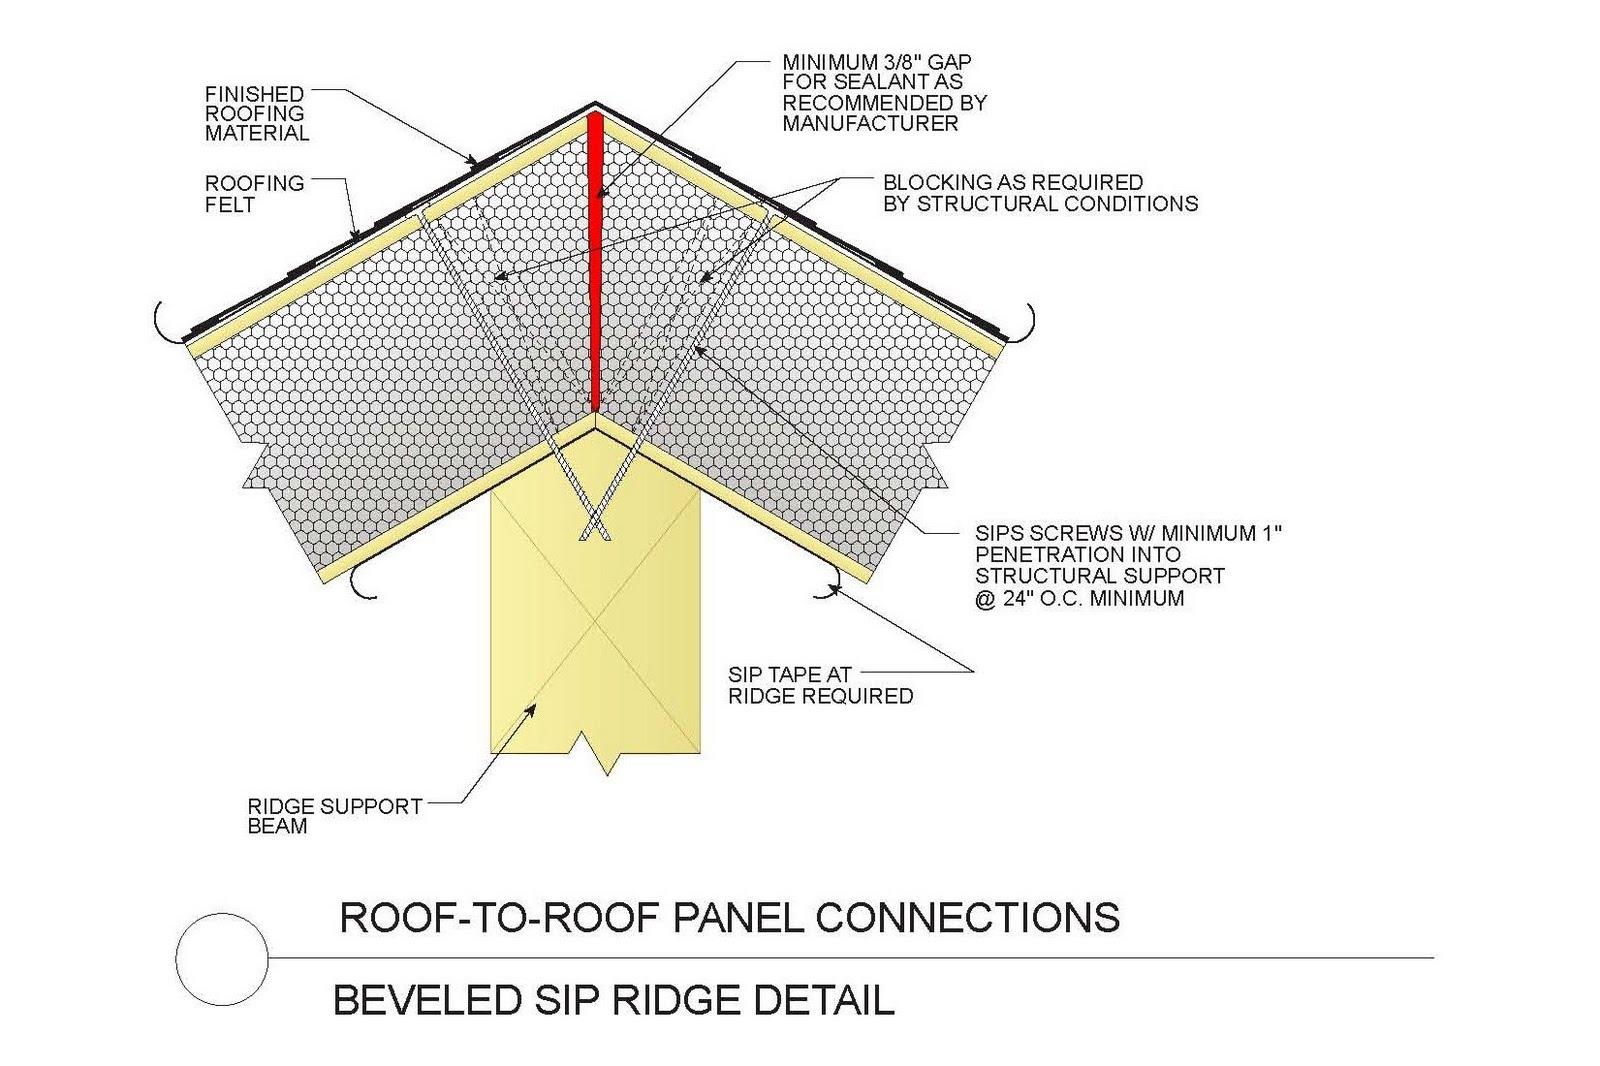 Ex01 Sips Case Study Contruction Details